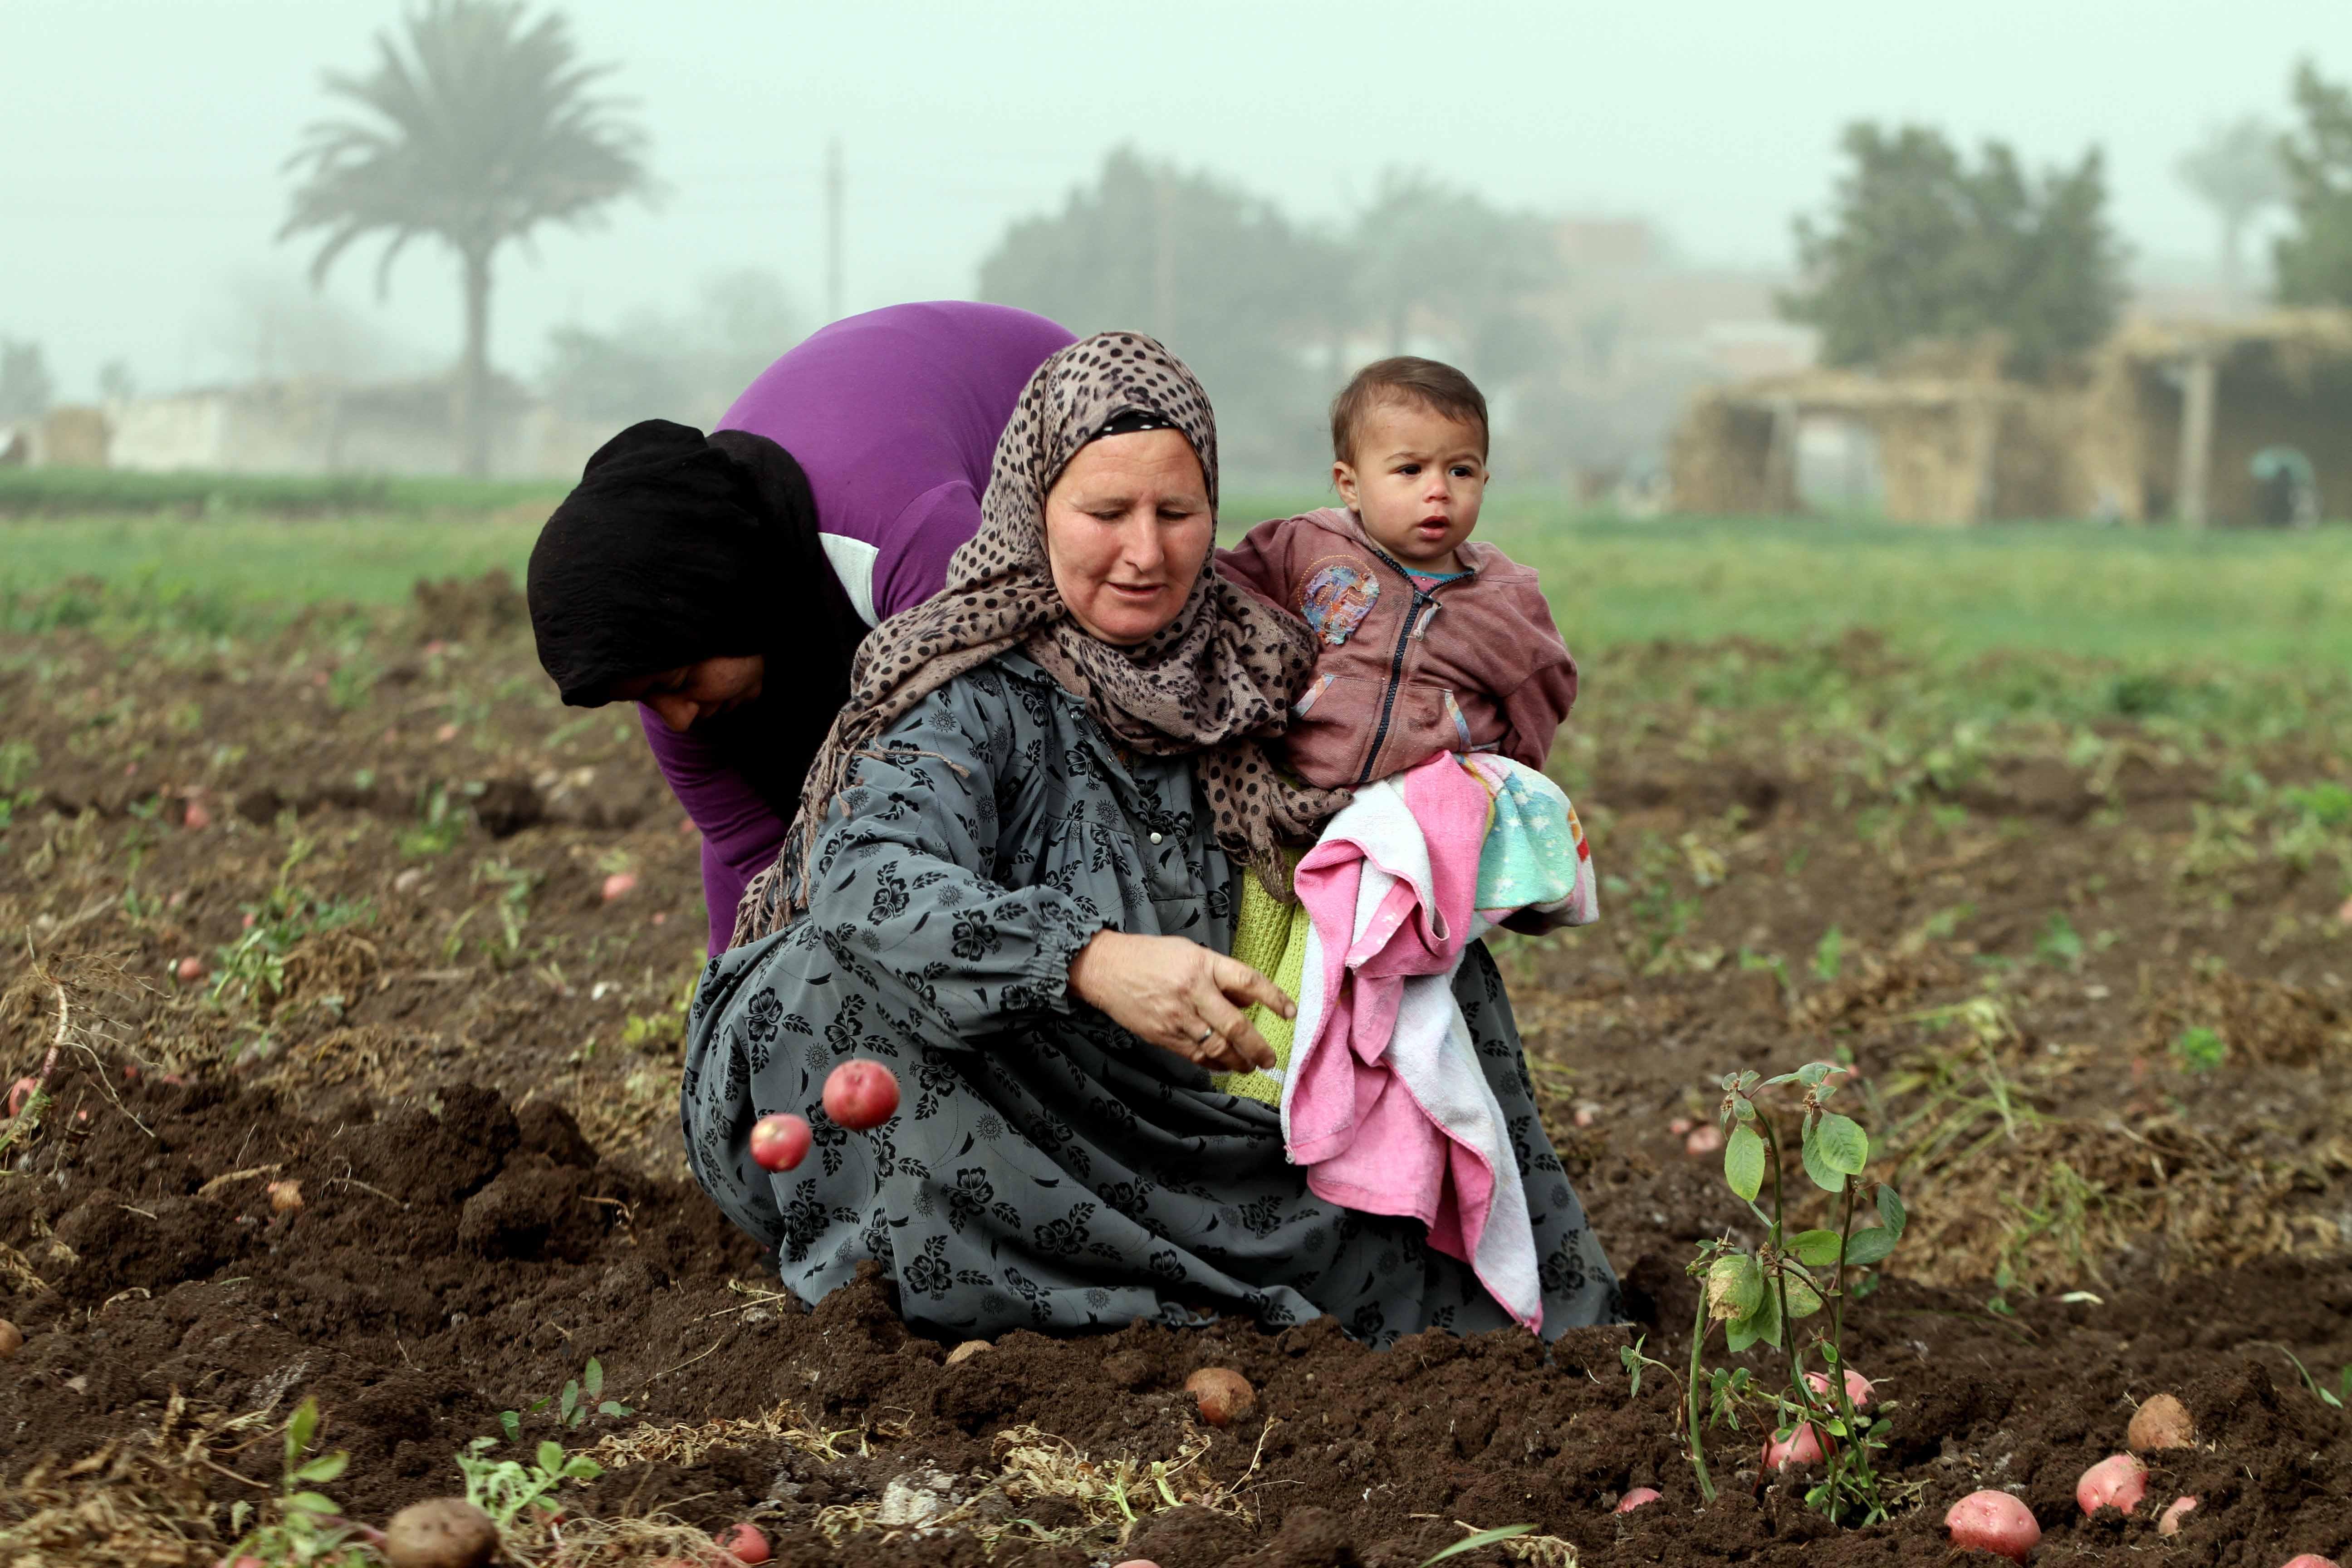 تحقيق عن جنى البطاطس تصوير خالد كامل 22-1-2016 (15)